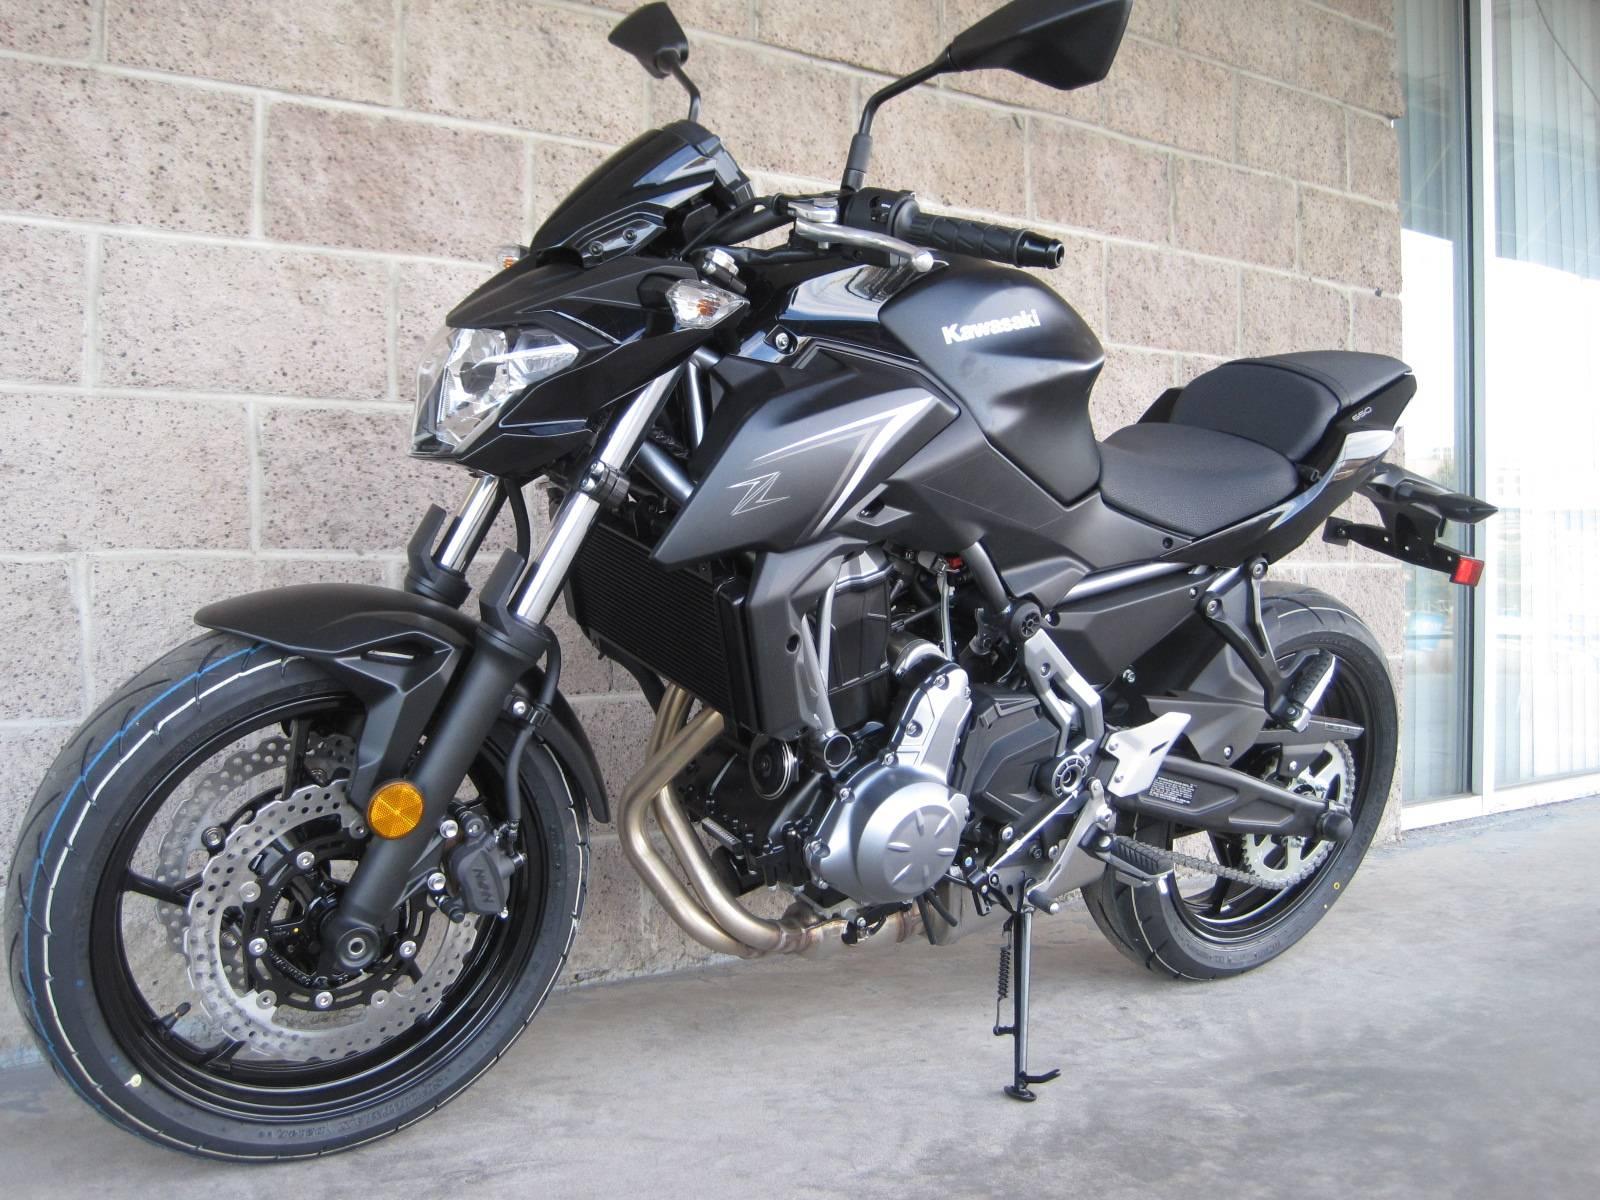 2017 Kawasaki Z650 in Denver, Colorado